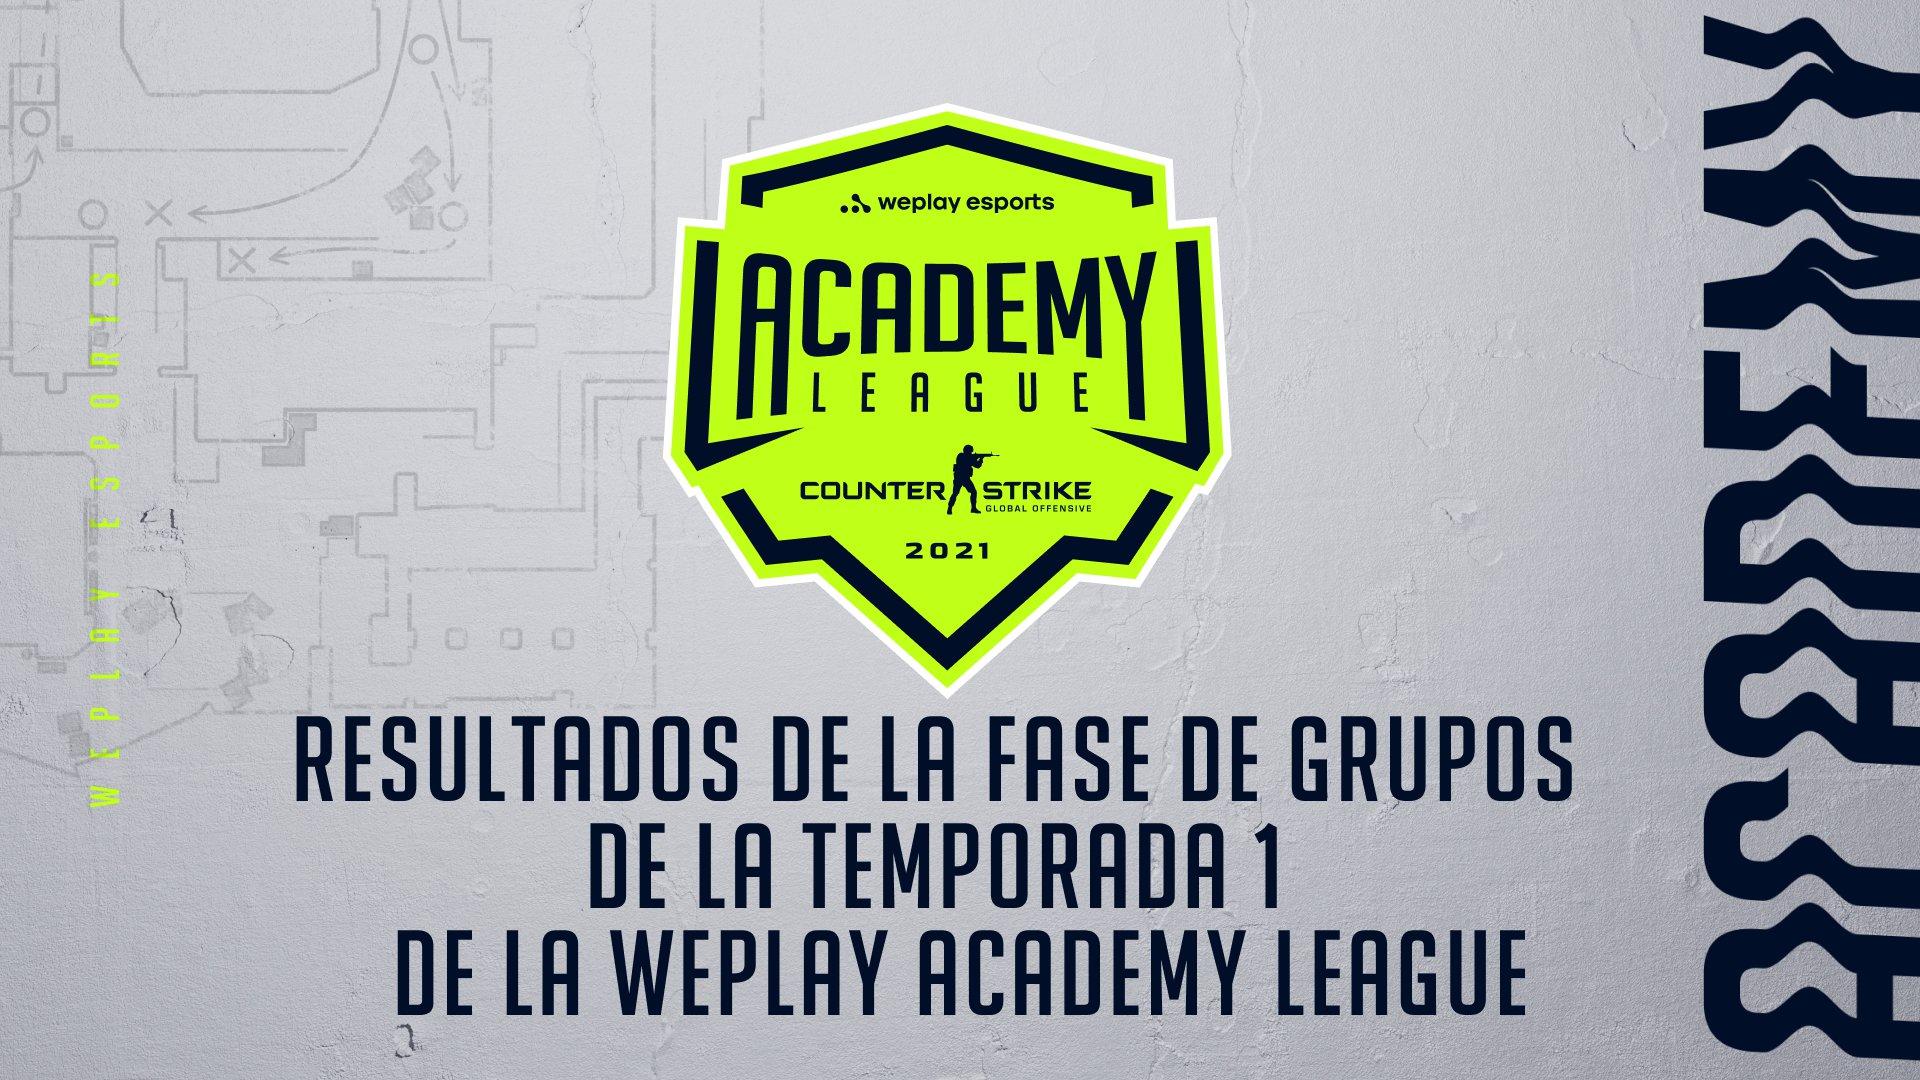 Resultados de la Fase de grupos de la Temporada 1 de la liga WePlay Academy League. Imagen: WePlay Holding